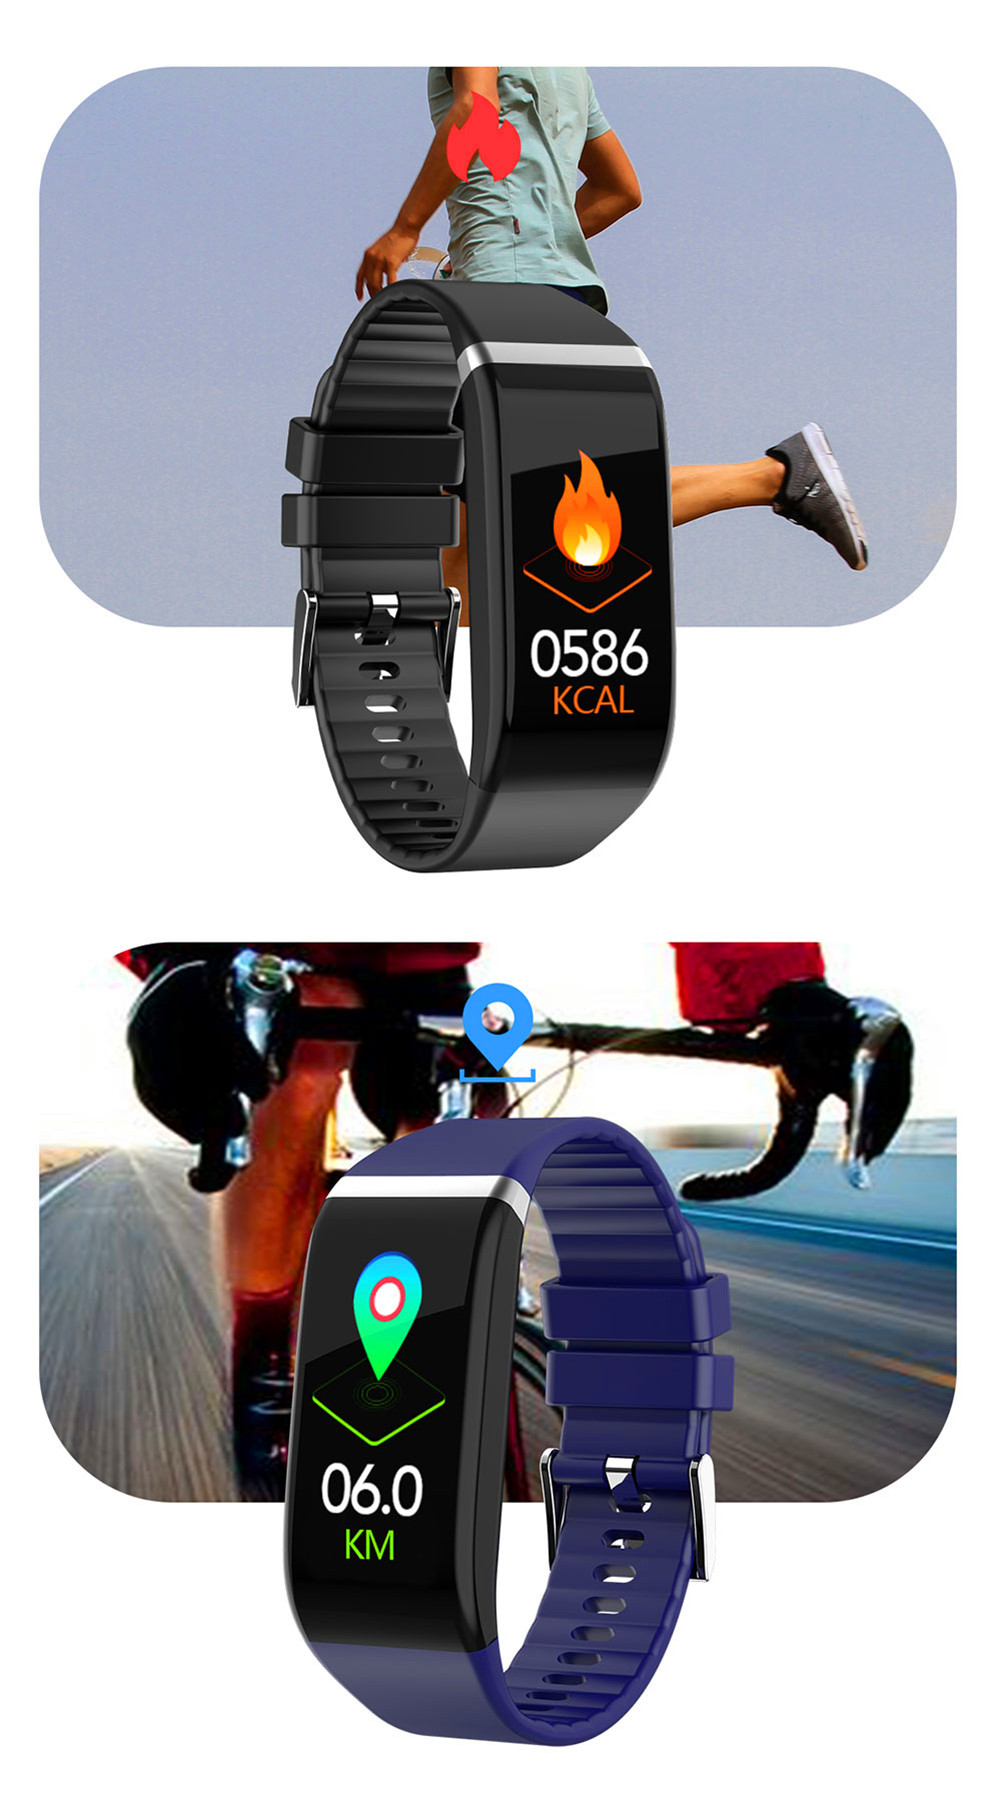 H9ca7ca62f2884a488b616827b16eb4c7r Smart Band Blood Pressure 1.14'' Screen Fitness Tracker Watch Heart Rate Fitness Bracelet Waterproof Music Control For Men Women